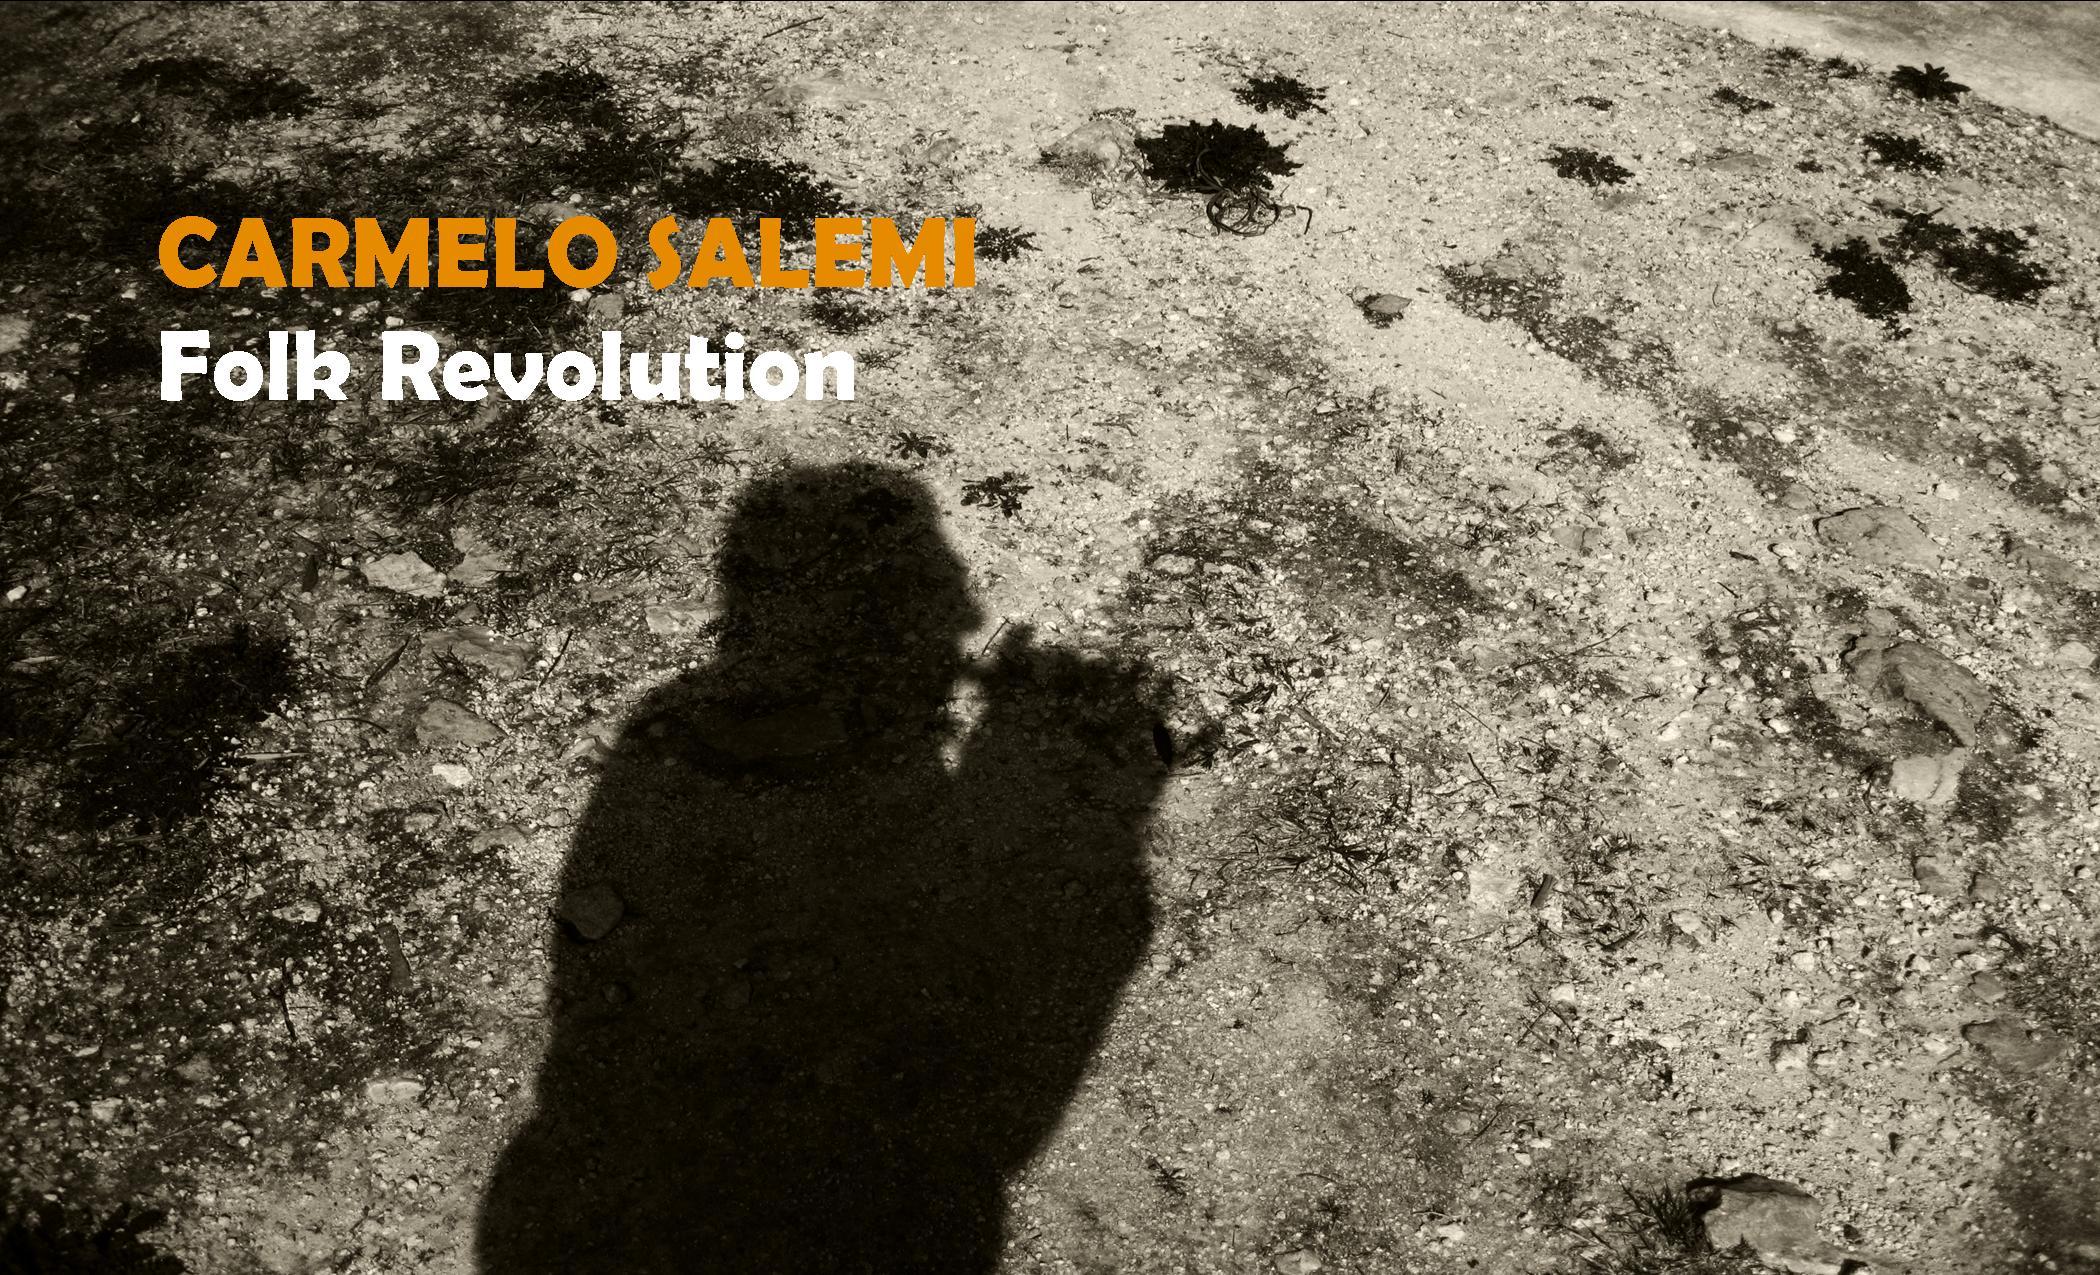 folk revolution